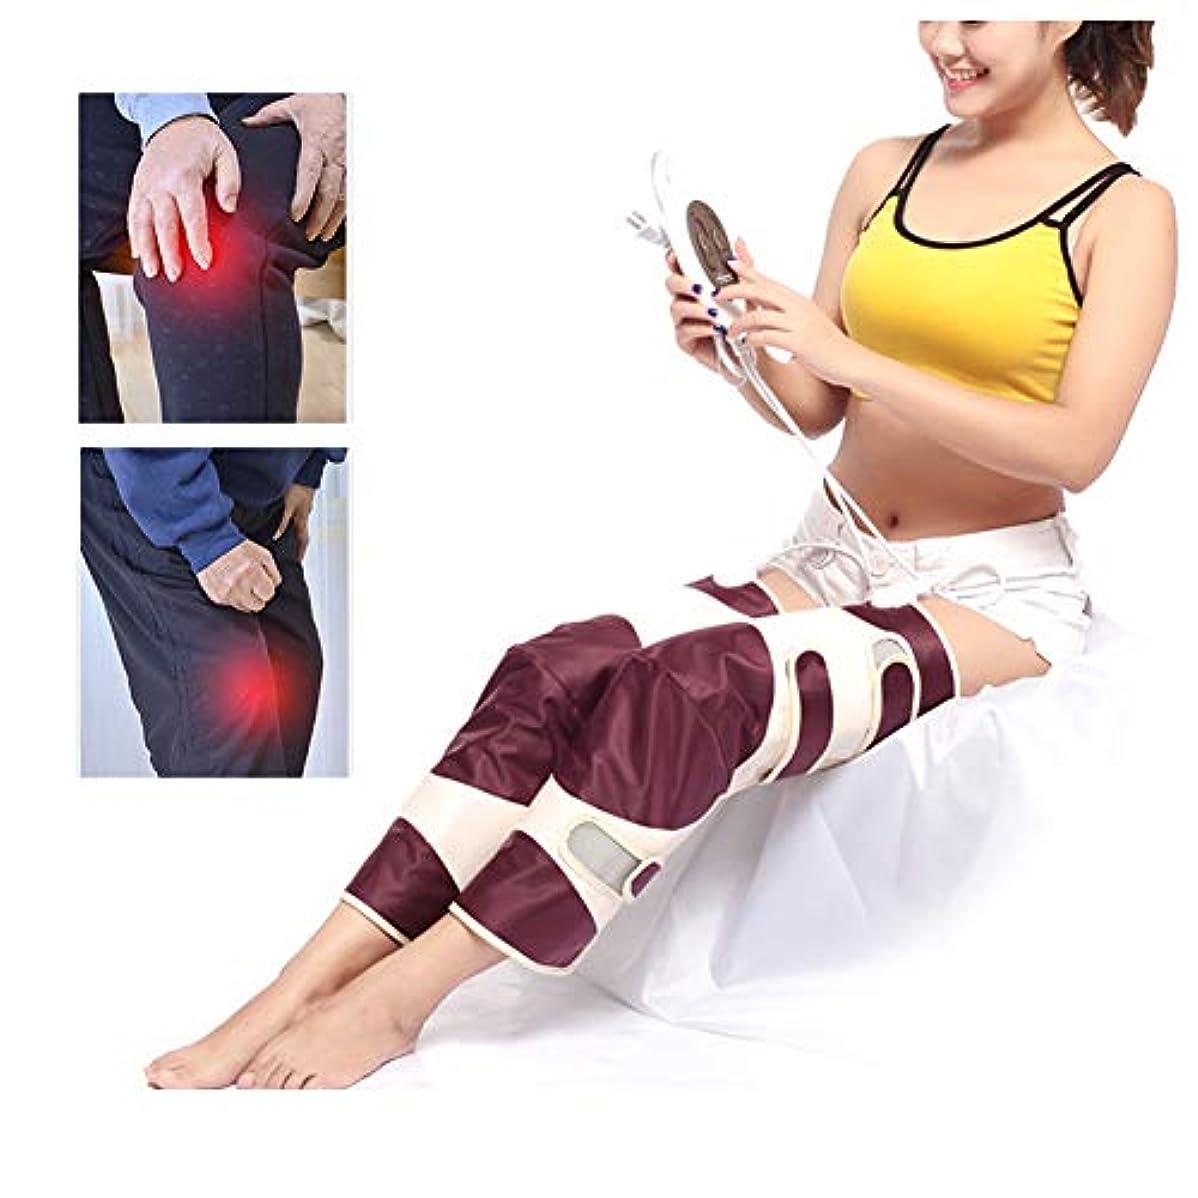 破裂怖がらせるうっかり関節炎の痛みのための電気加熱膝パッド加熱膝ブレース遠赤外線治療マッサージャー